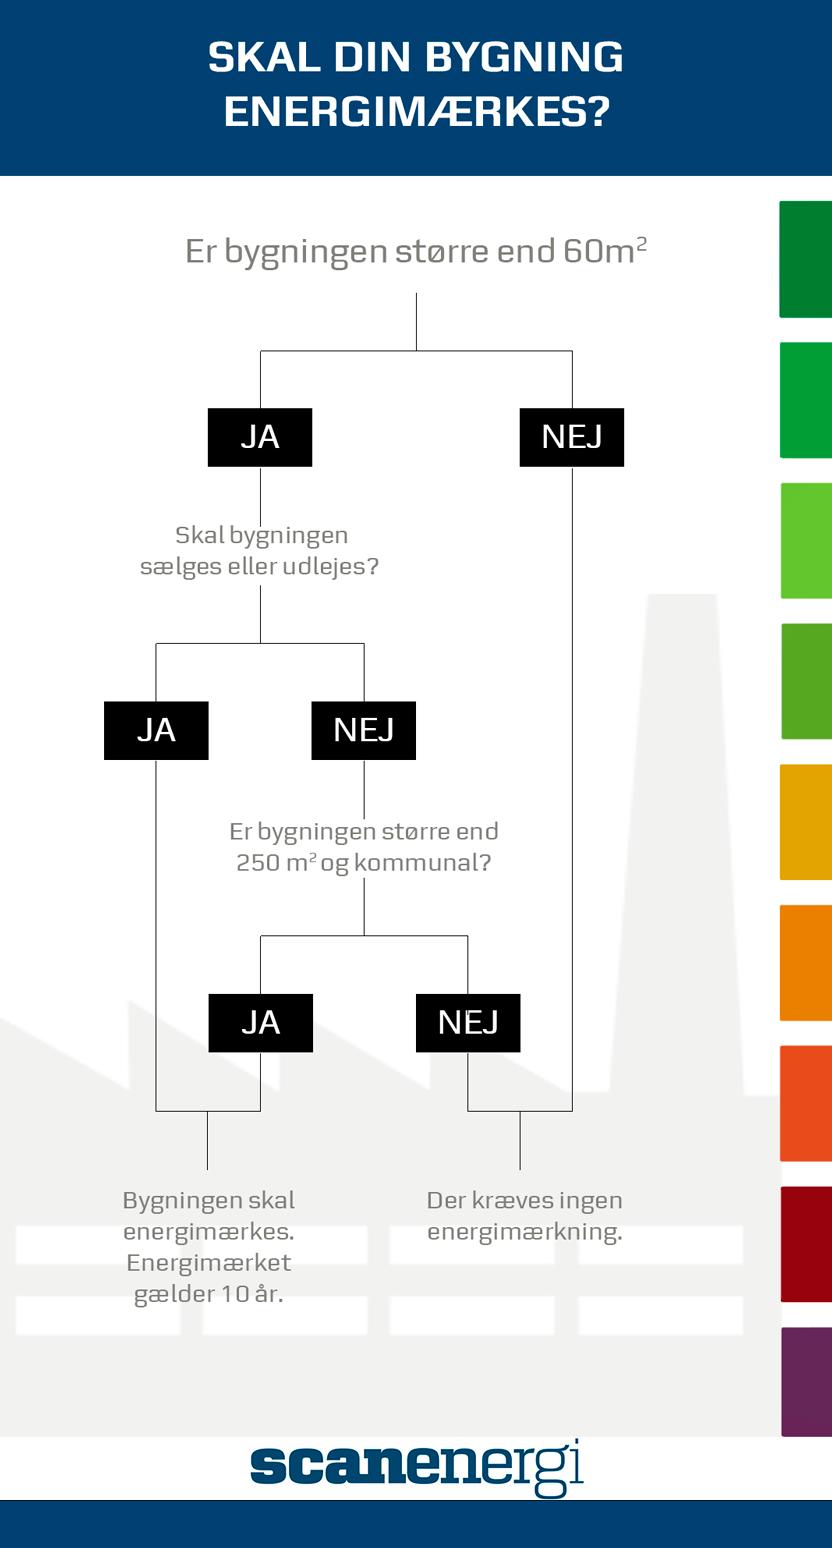 scanenergi_diagram_test_skal_din_bygning_energimaerkes_uge 38_2019